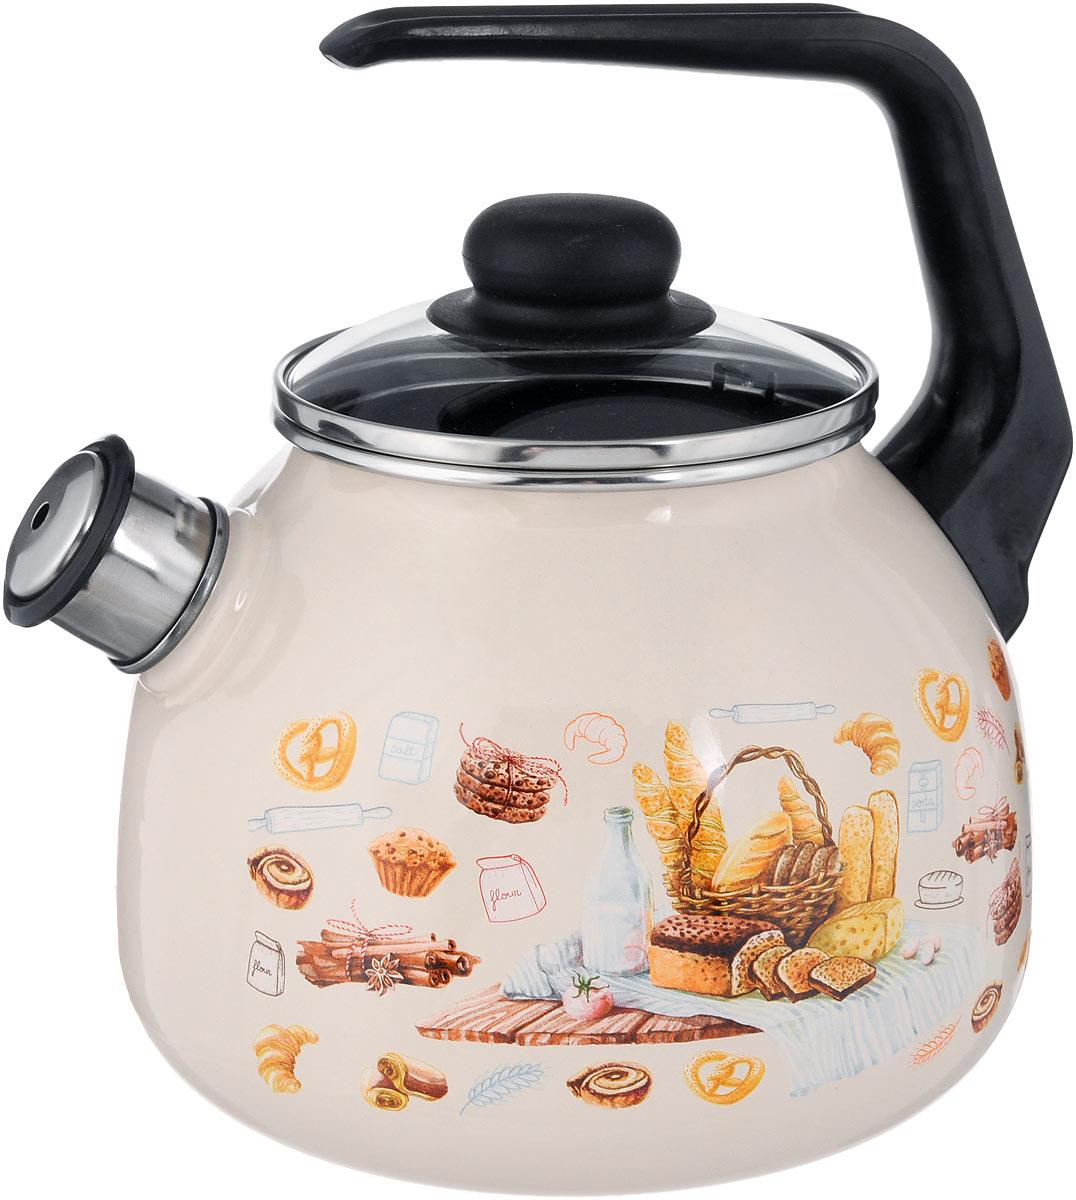 Чайник эмалированный СтальЭмаль Хлеб, со свистком, 3 л54 009312Чайник СтальЭмаль Хлеб выполнен из высококачественного стального проката, покрытого двумя слоями жаропрочной эмали. Такое покрытие защищает сталь от коррозии, придает посуде гладкую стекловидную поверхность и надежно защищает от кислот и щелочей. Носик чайника оснащен свистком, звуковой сигнал которого подскажет, когда закипит вода. Чайник оснащен фиксированной ручкой из пластика и стеклянной крышкой, которая плотно прилегает к краю благодаря особой конструкции. Внешние стенки декорированы красочным изображением различных хлебобулочных изделий. Эстетичный и функциональный чайник будет оригинально смотреться в любом интерьере. Подходит для всех типов плит, включая индукционные. Можно мыть в посудомоечной машине. Диаметр (по верхнему краю): 12,5 см.Высота чайника (с учетом ручки): 24 см.Высота чайника (без учета ручки и крышки): 15 см.